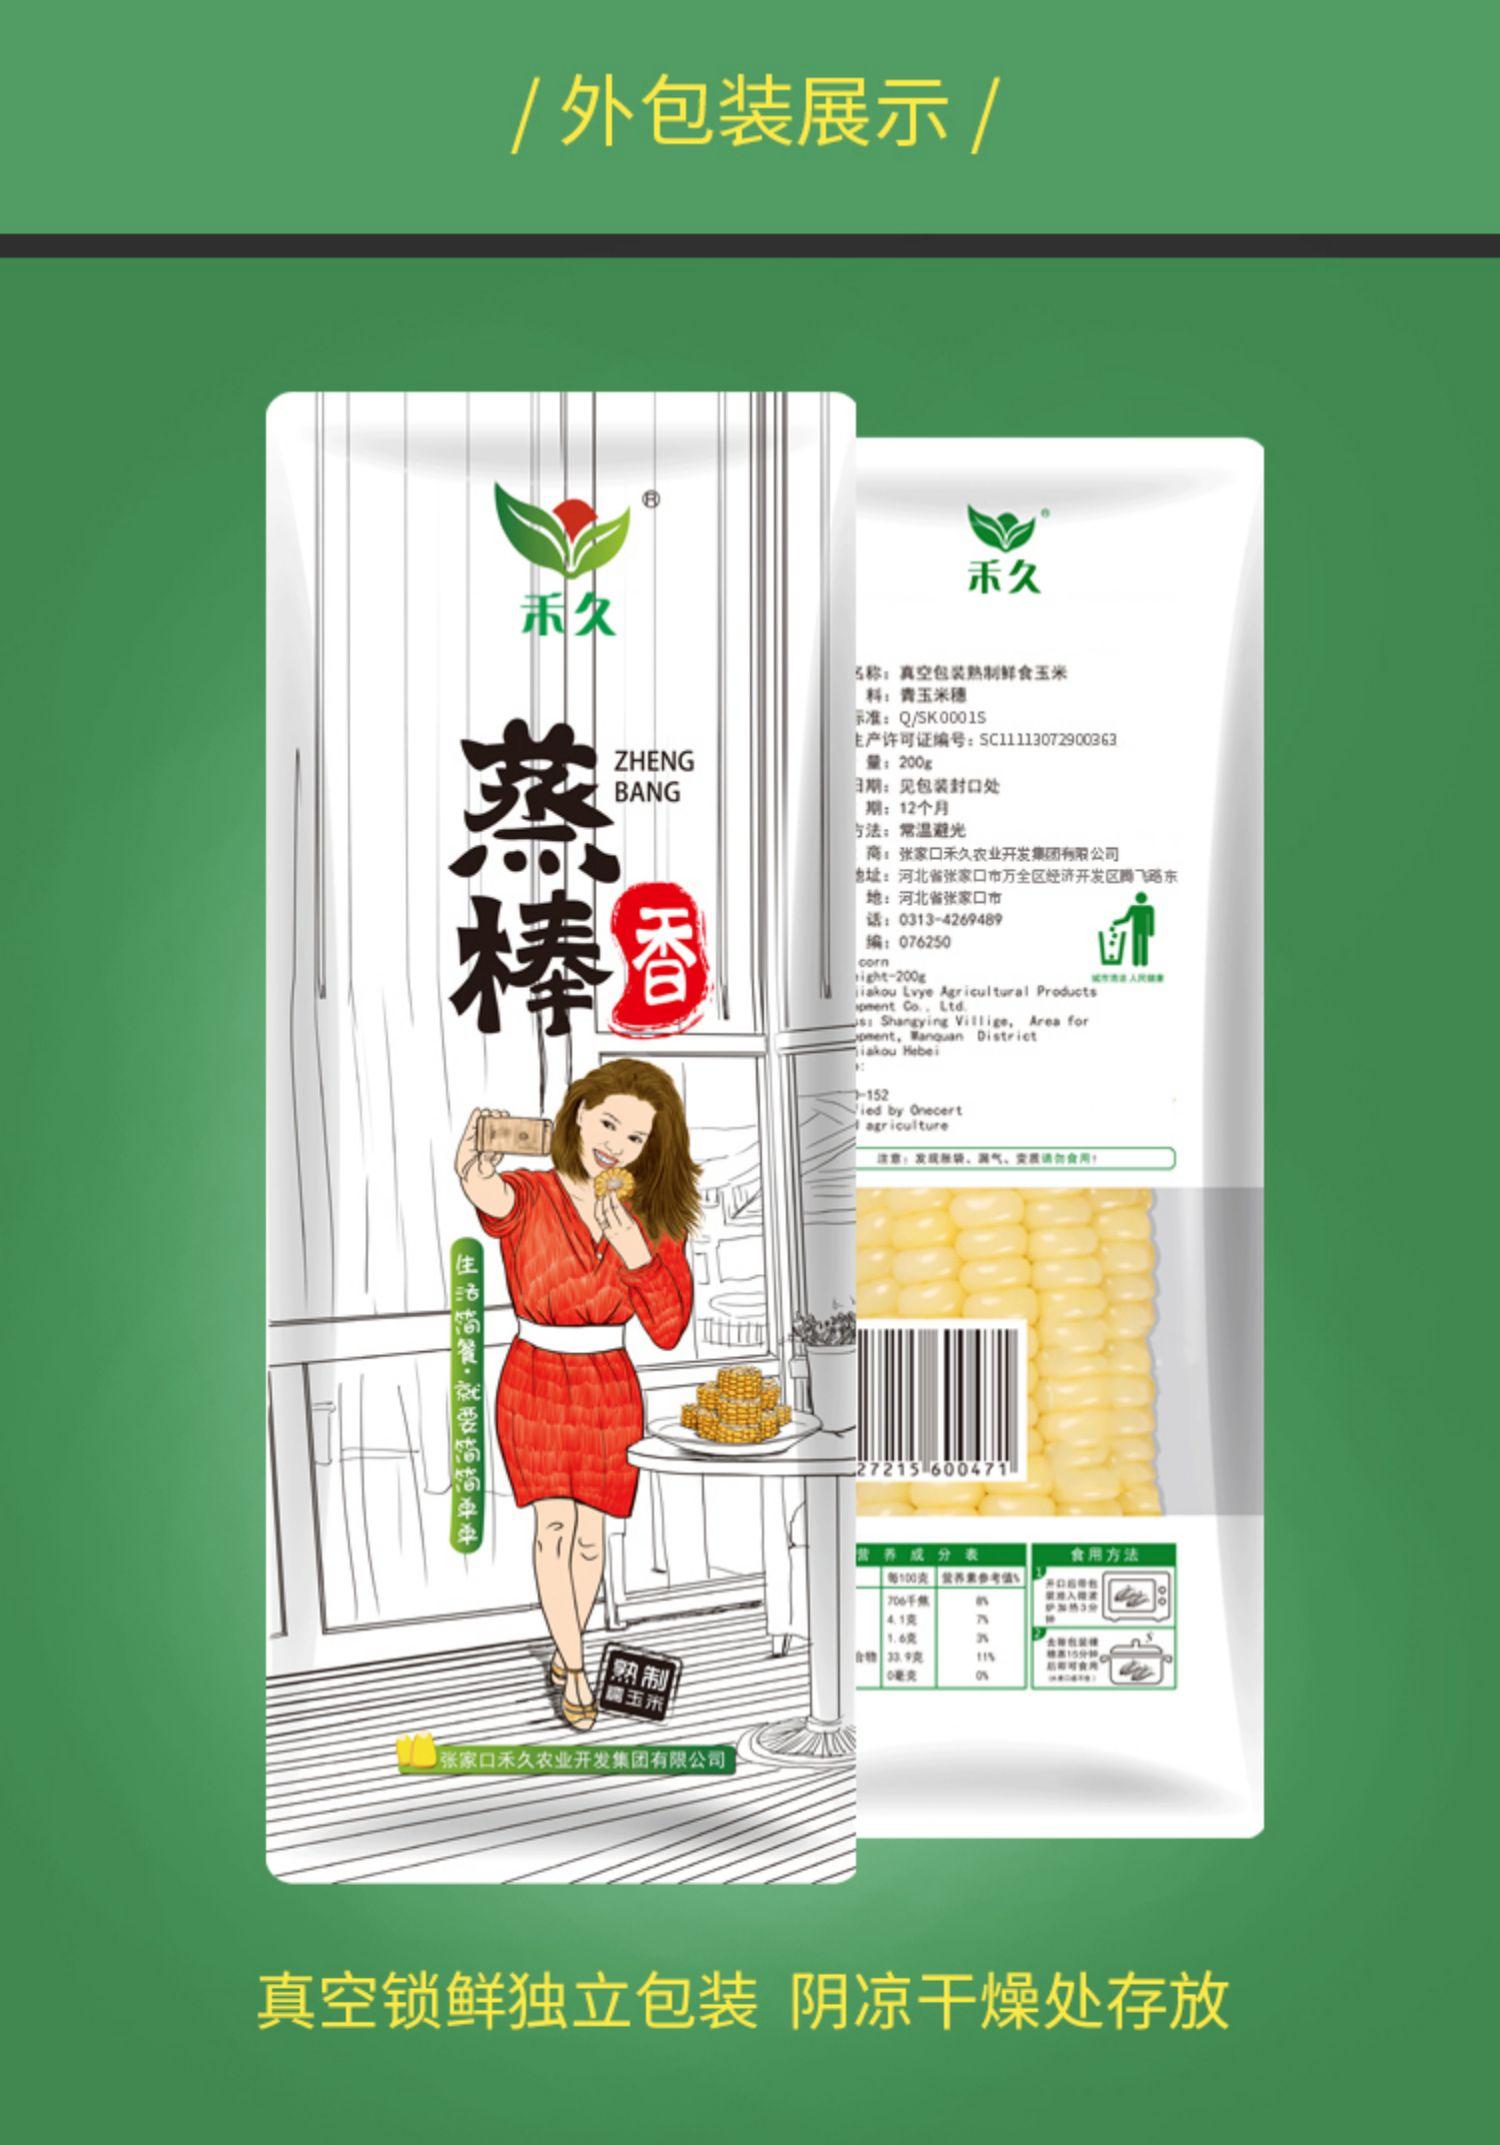 【有机食品】禾久甜糯有机玉米8根